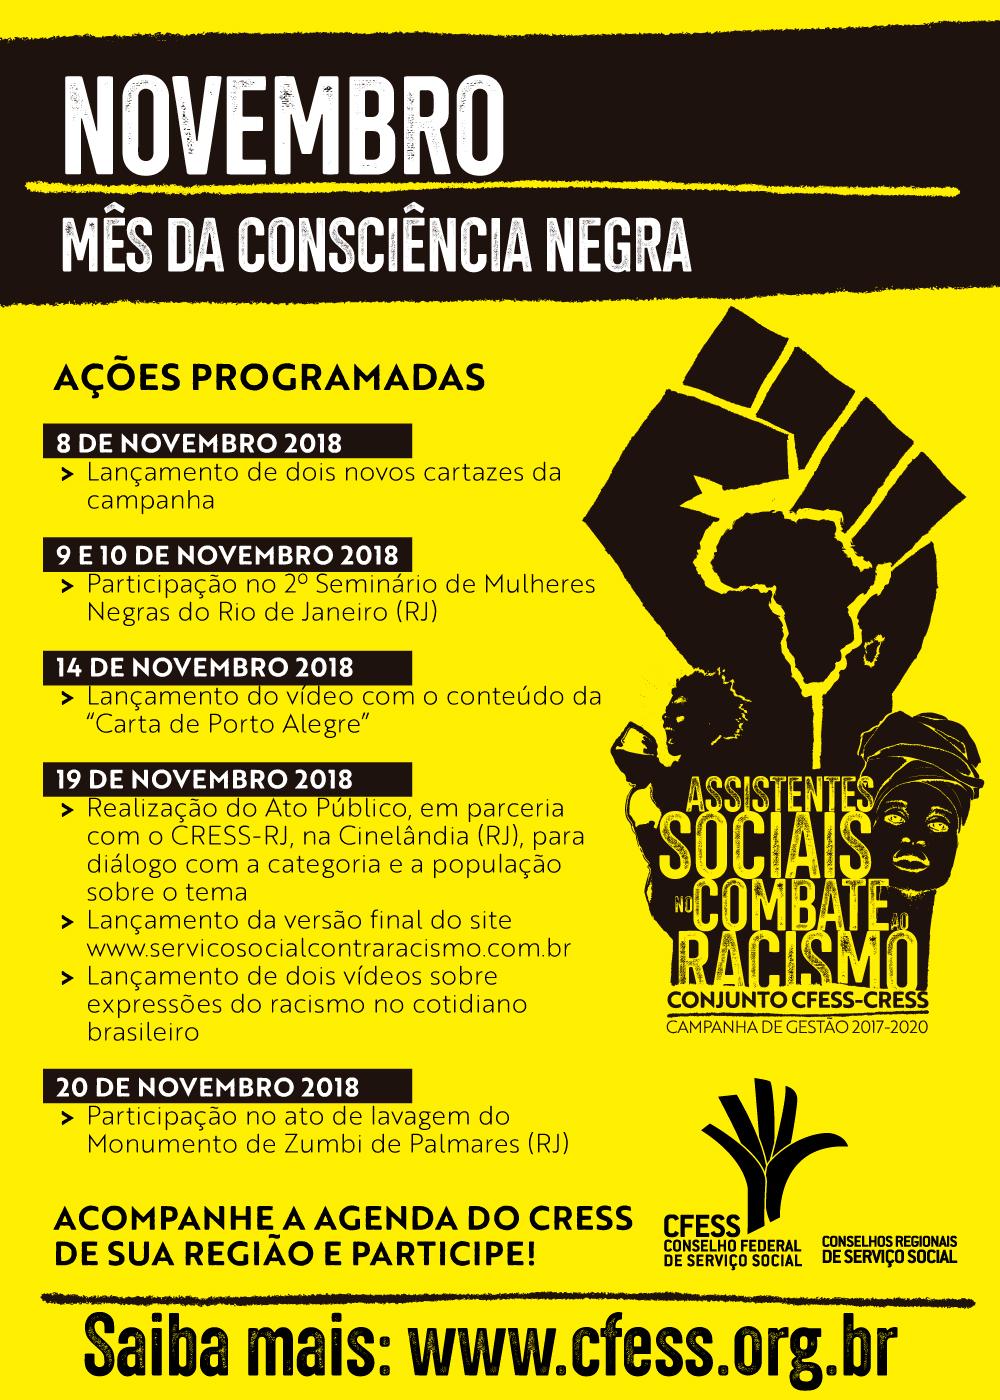 Imagem traz o resumo das atividades programadas pelo CFESS para o mês da Consciência Negra